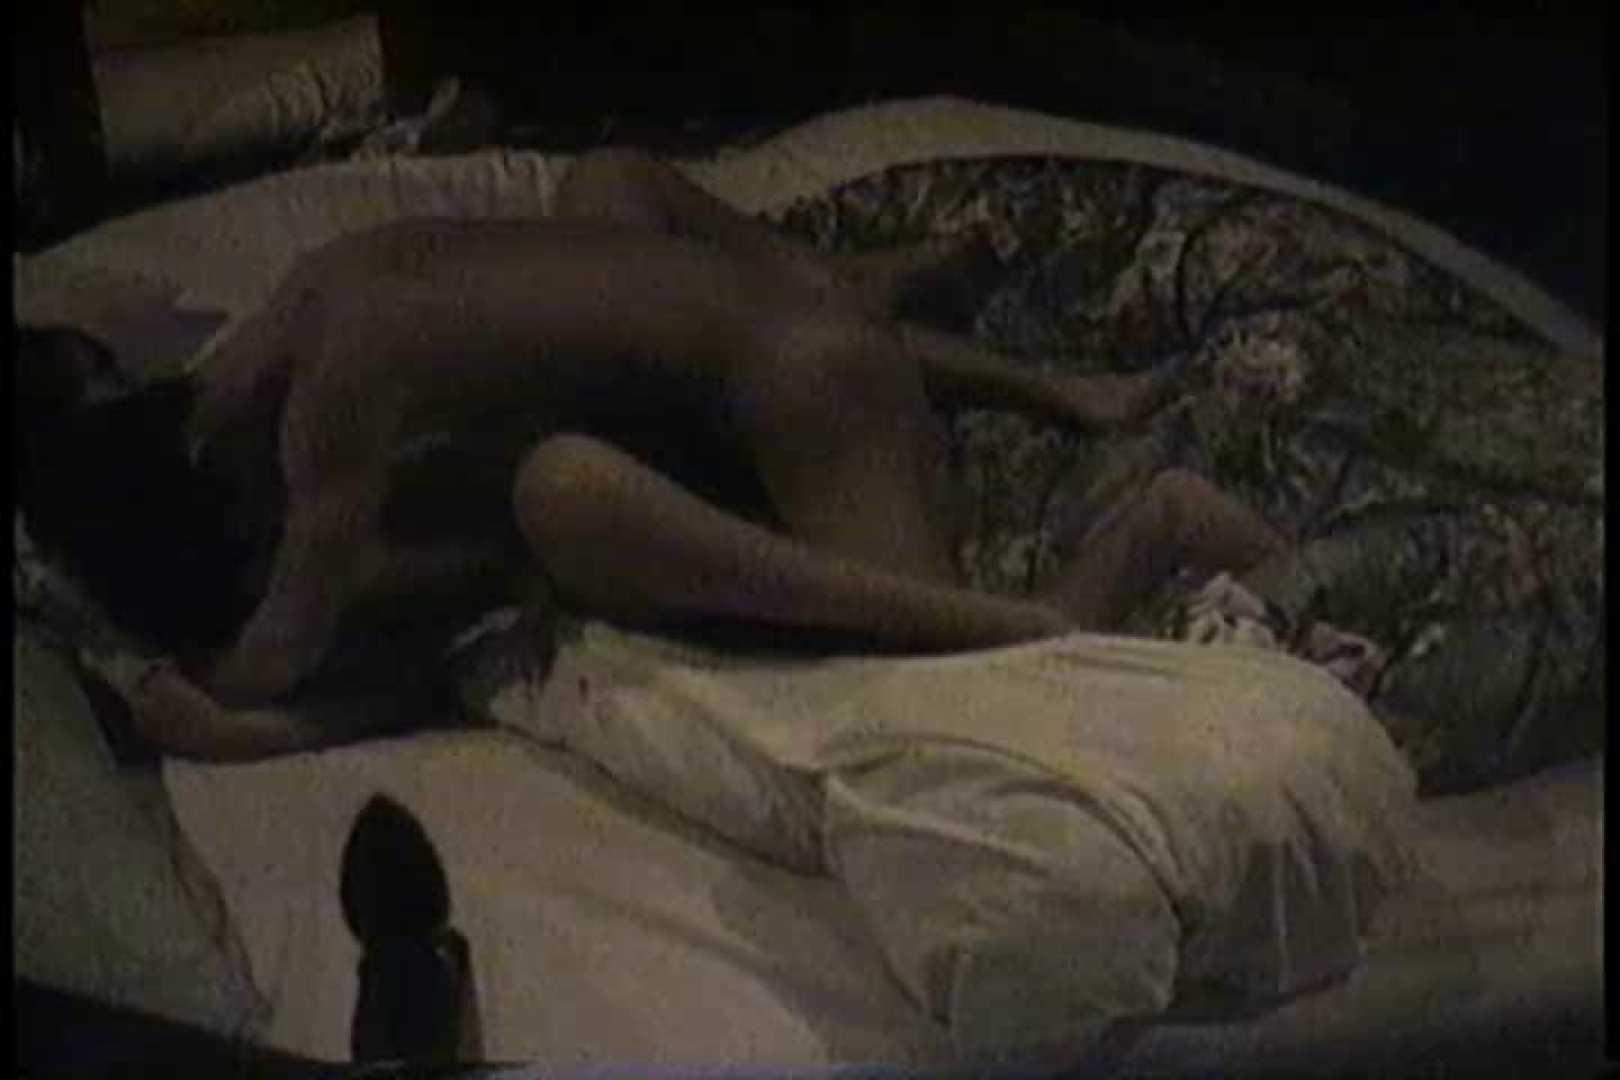 実録!ラブホテル~消し忘れ注意!昭和の色編~ vol.29 巨乳編 | SEXで興奮  87PIX 61